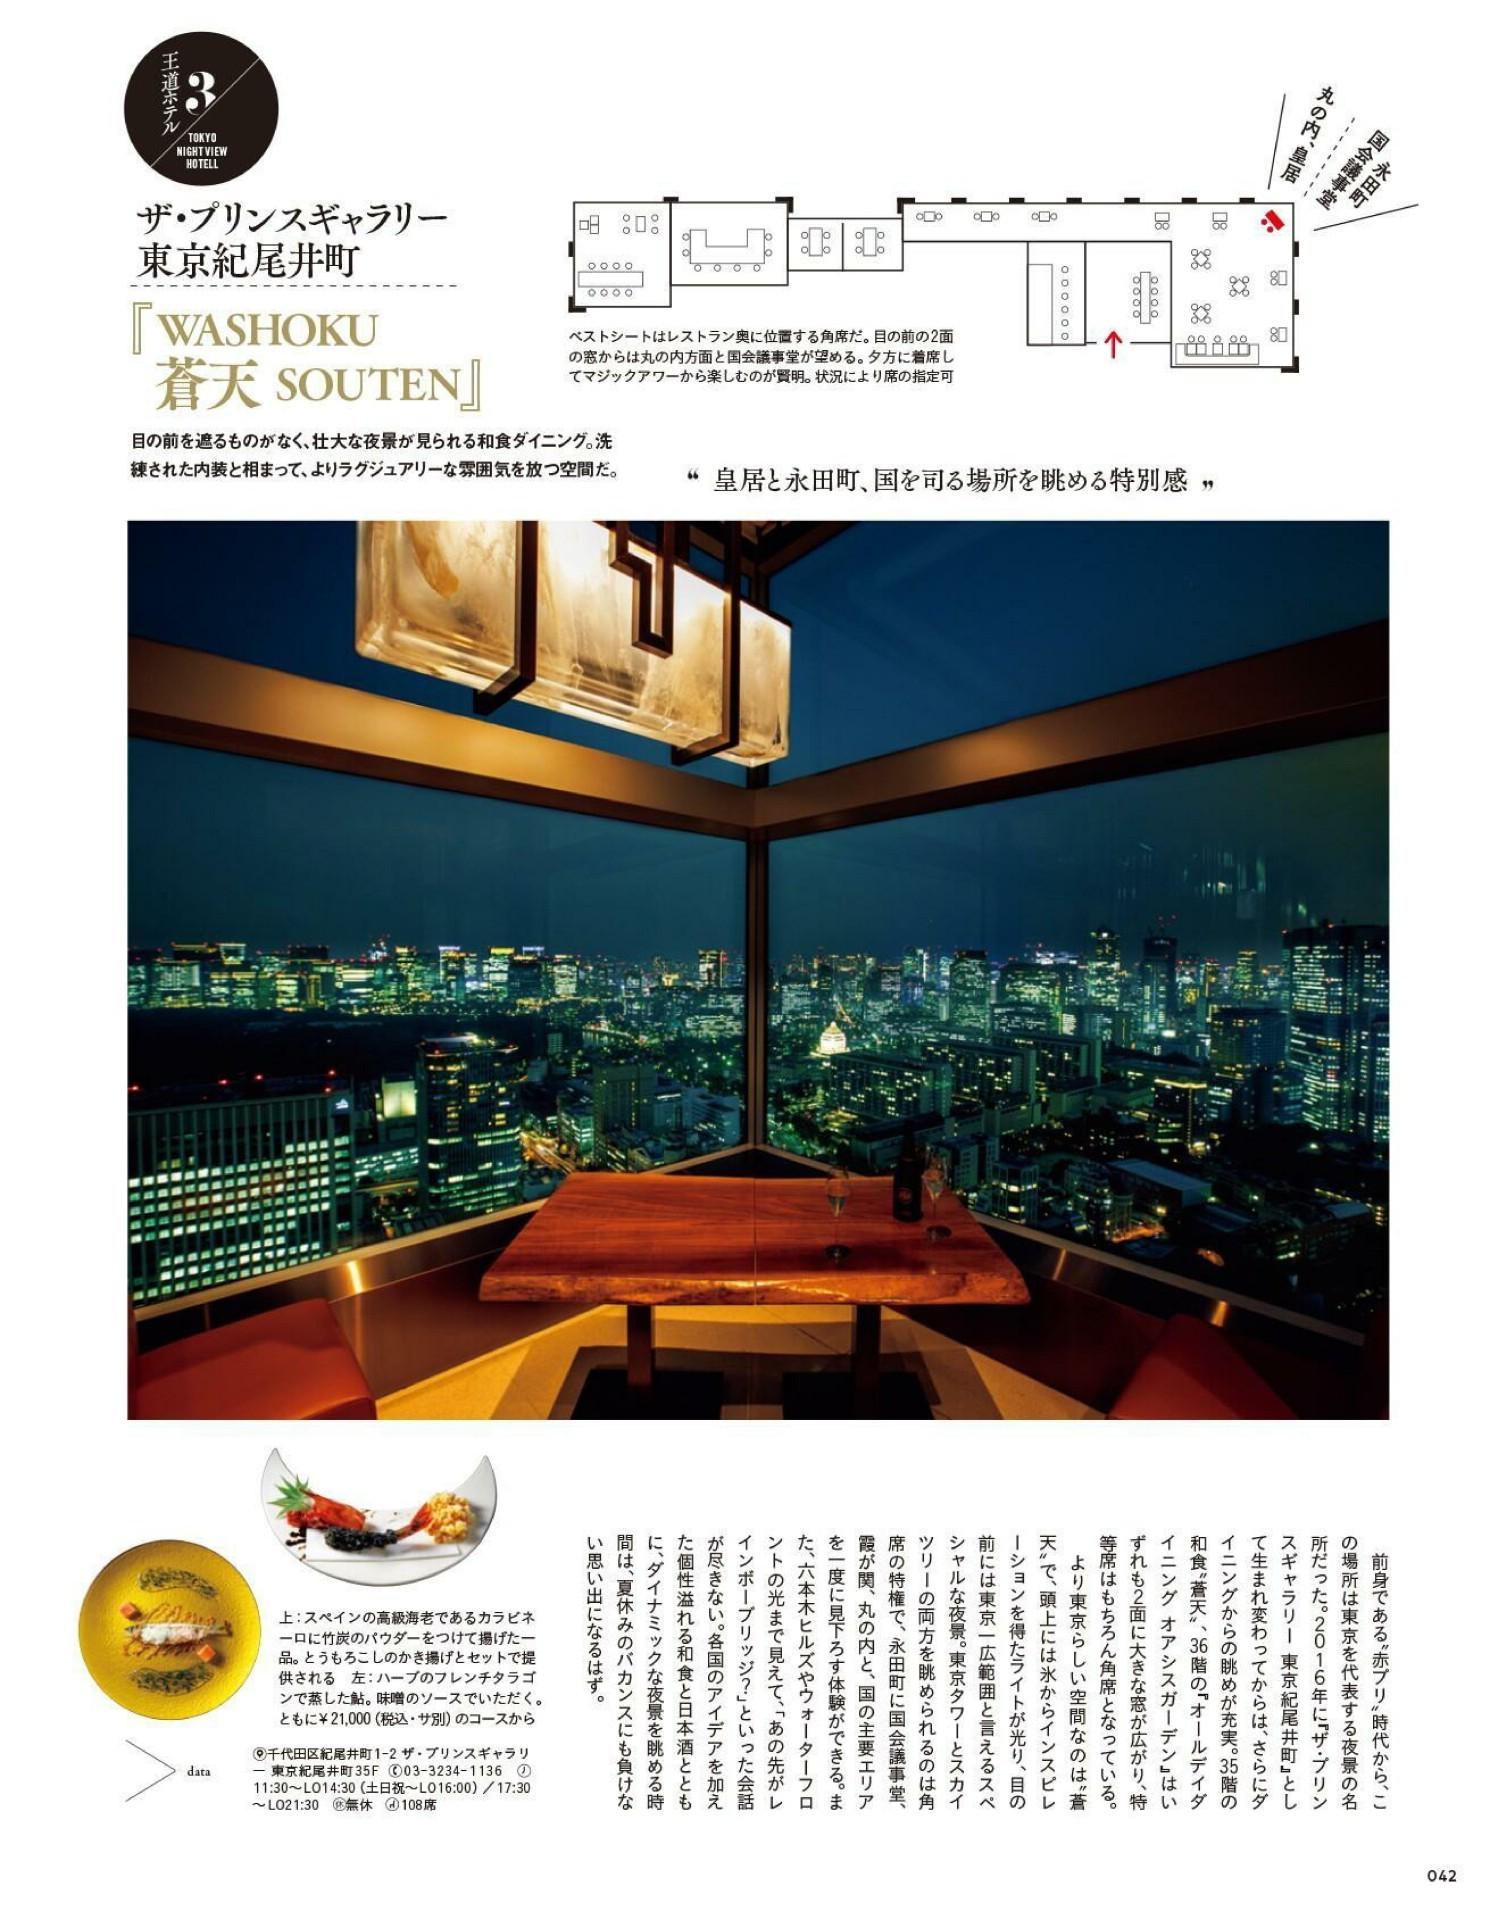 Tokyo Calendar 2020-09_imgs-0042